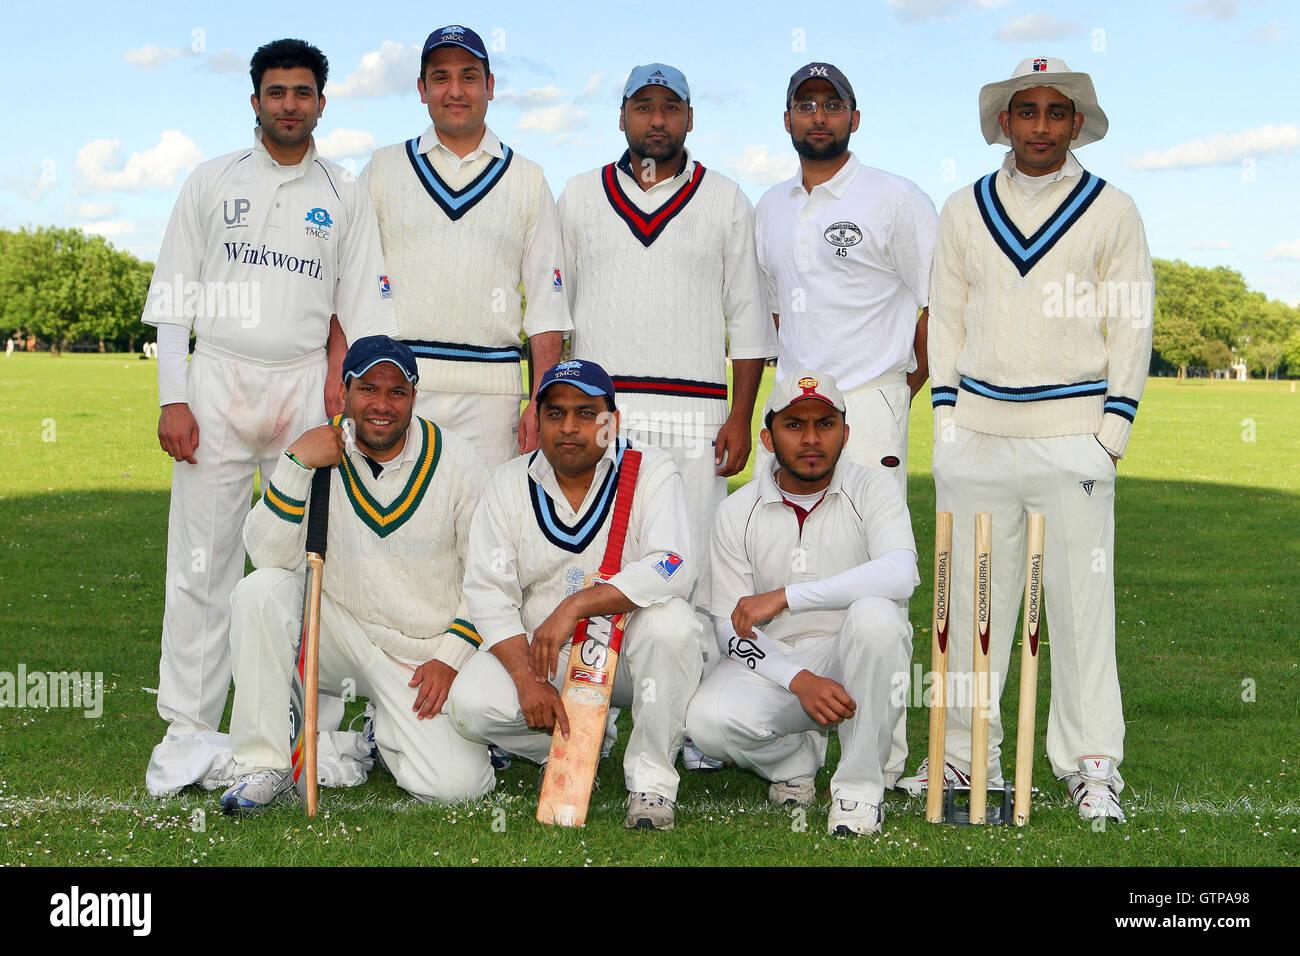 Sky CC - Victoria Park Comunità Cricket League - 26/05/09 Immagini Stock